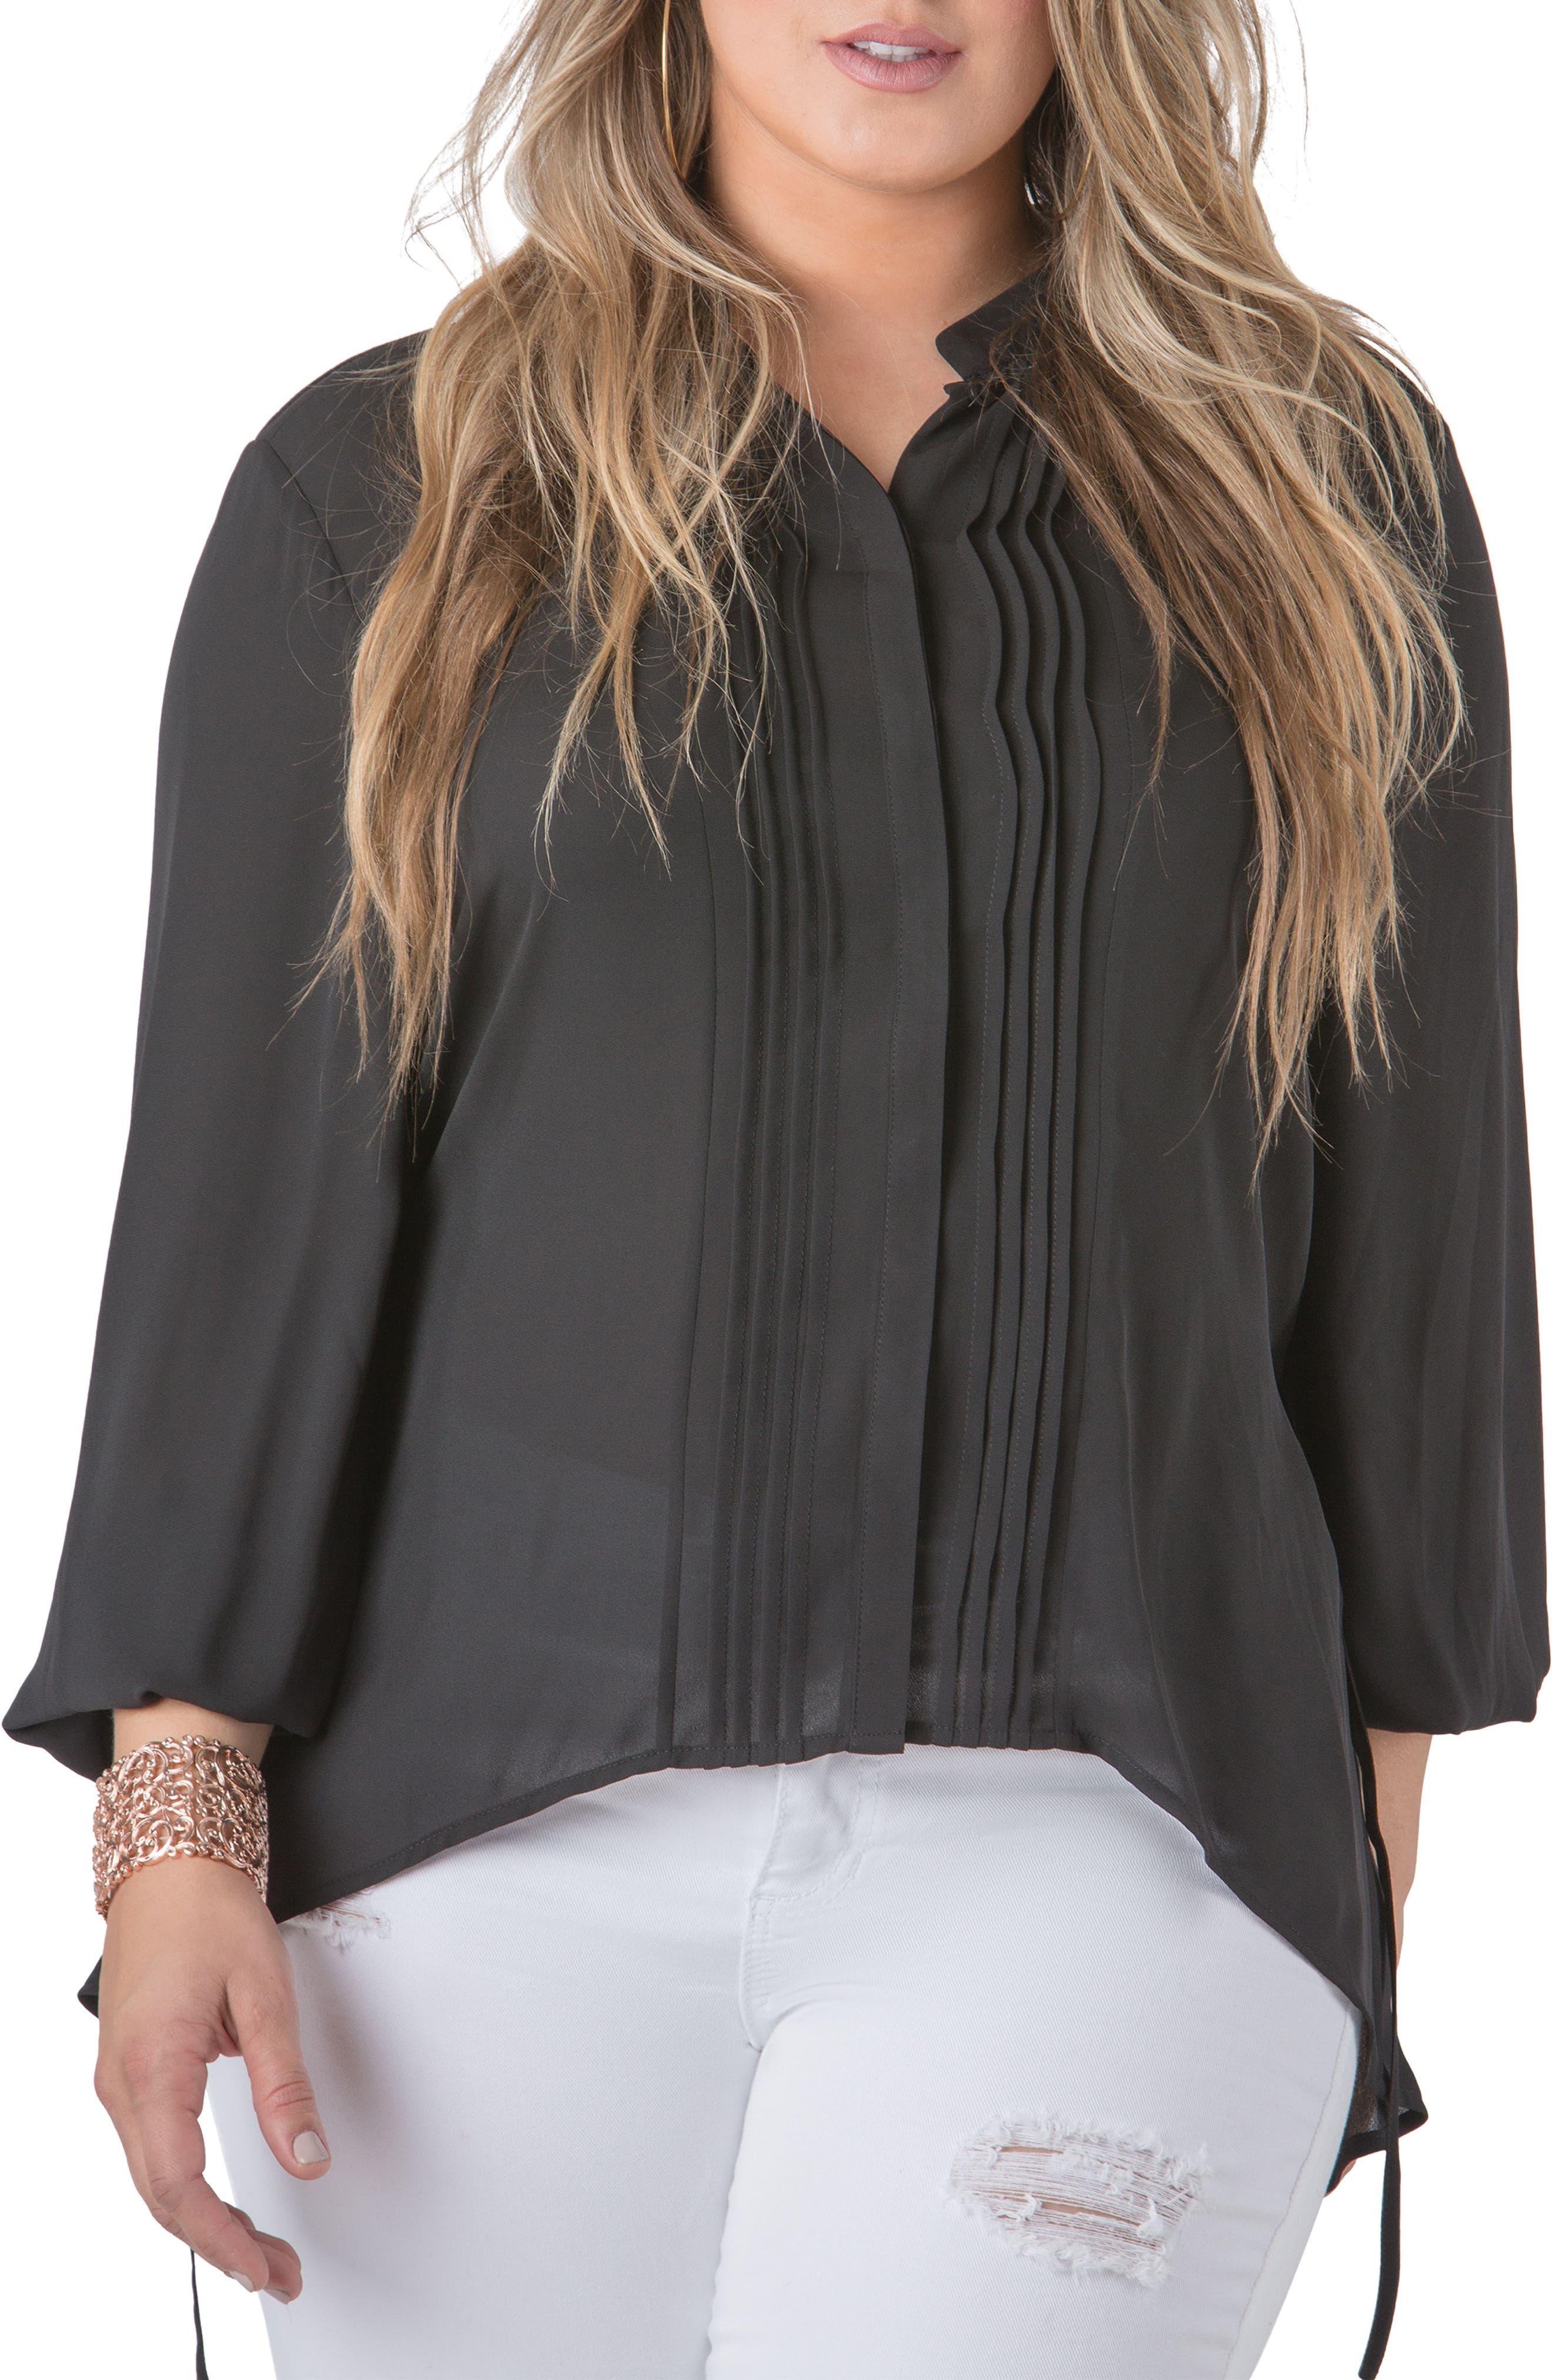 Trisha Tuxedo Front Chiffon Blouse,                             Main thumbnail 1, color,                             BLACK